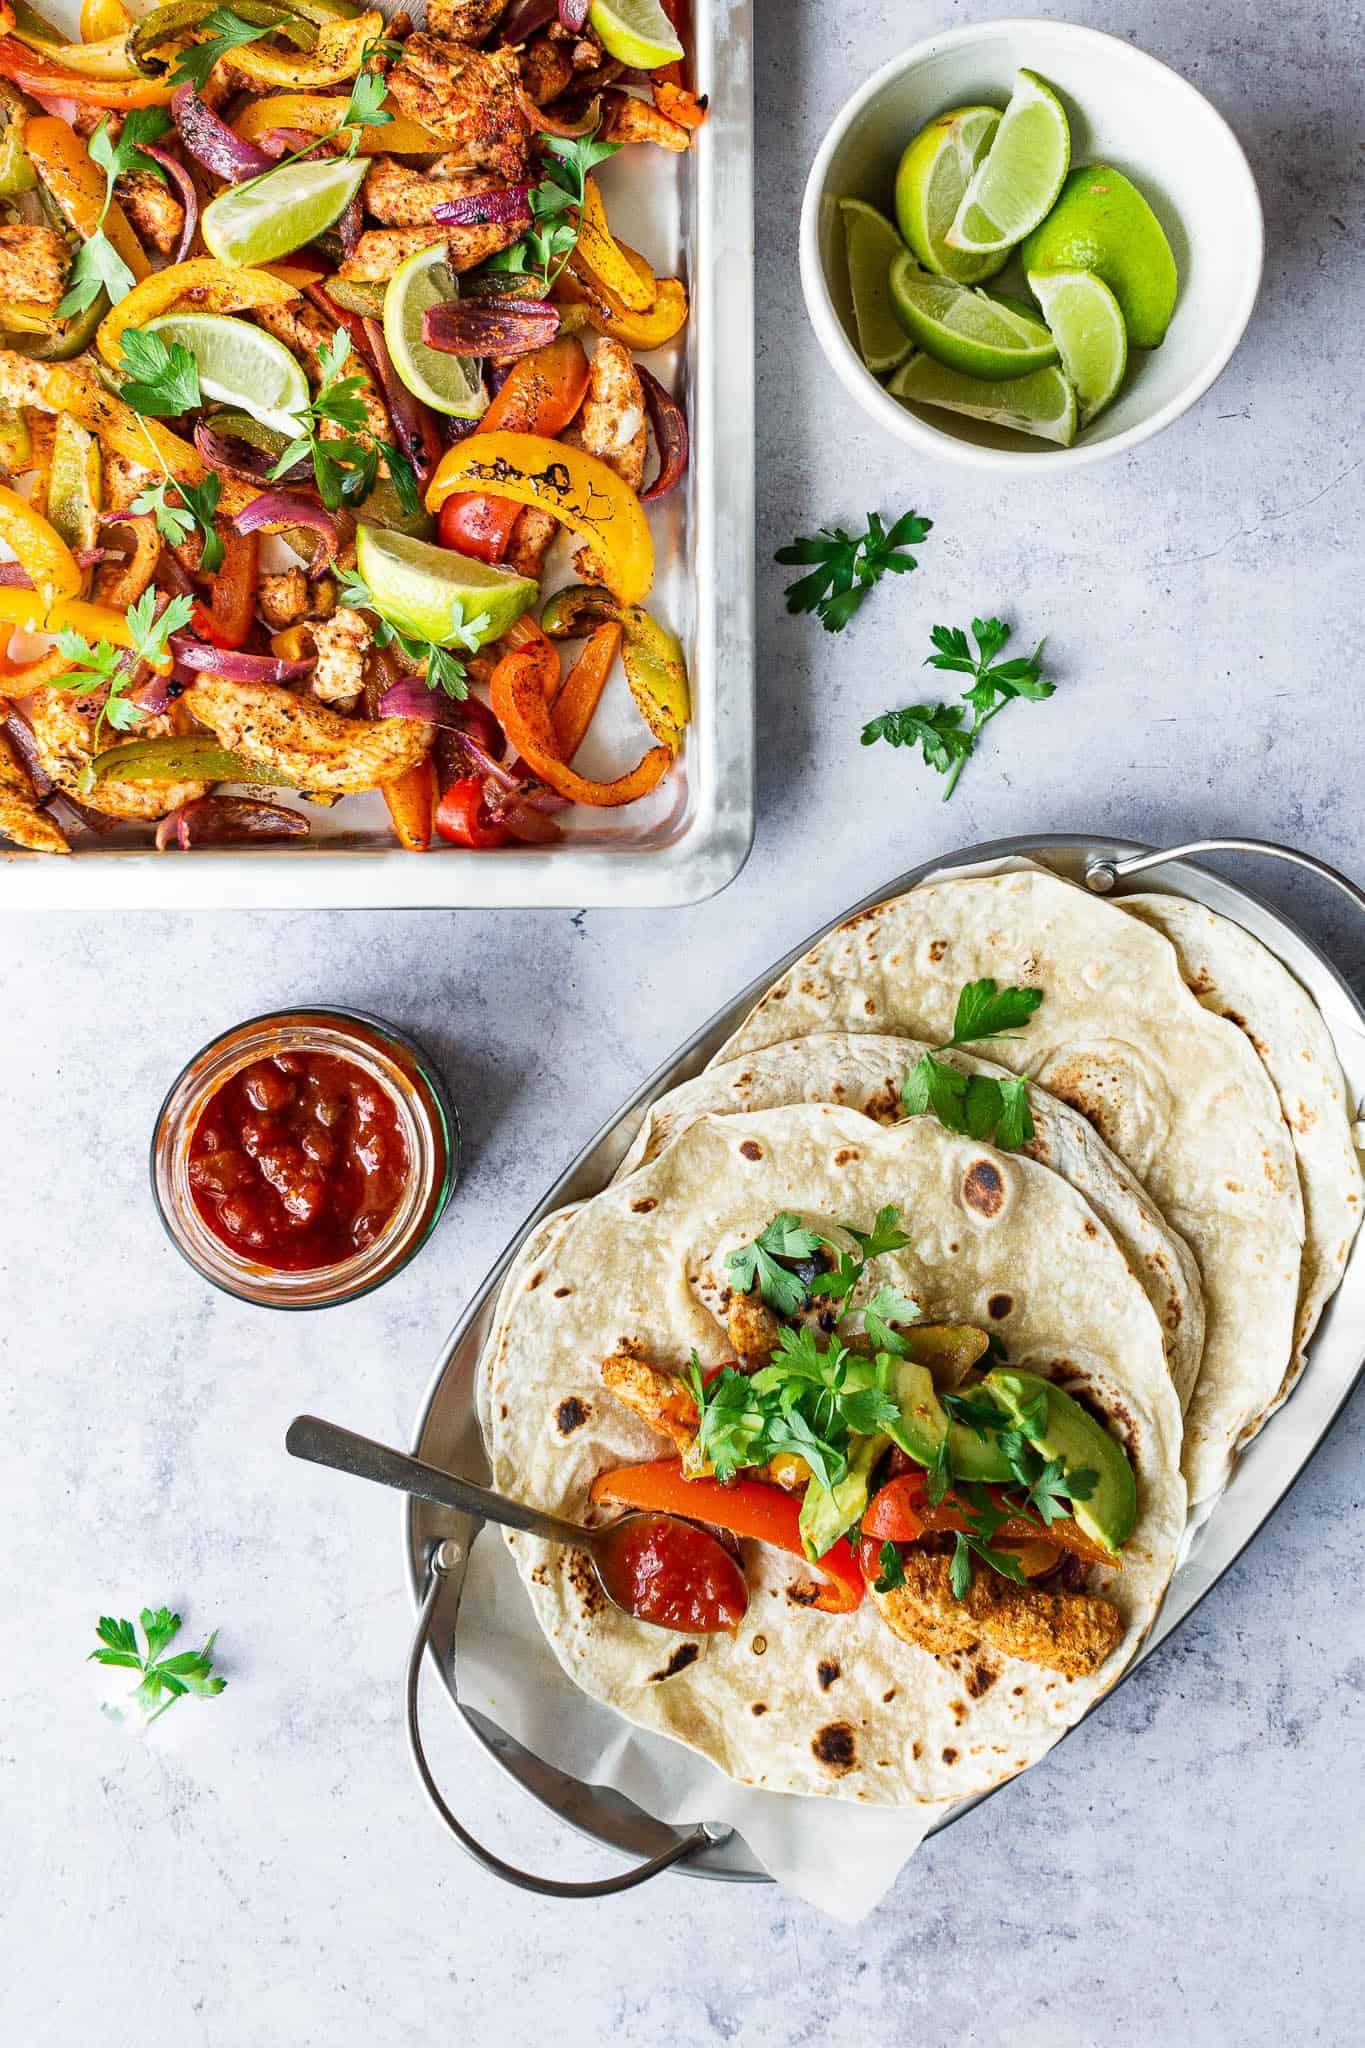 Fajitas med kylling og peberfrugt - opskrift på mexicansk mad